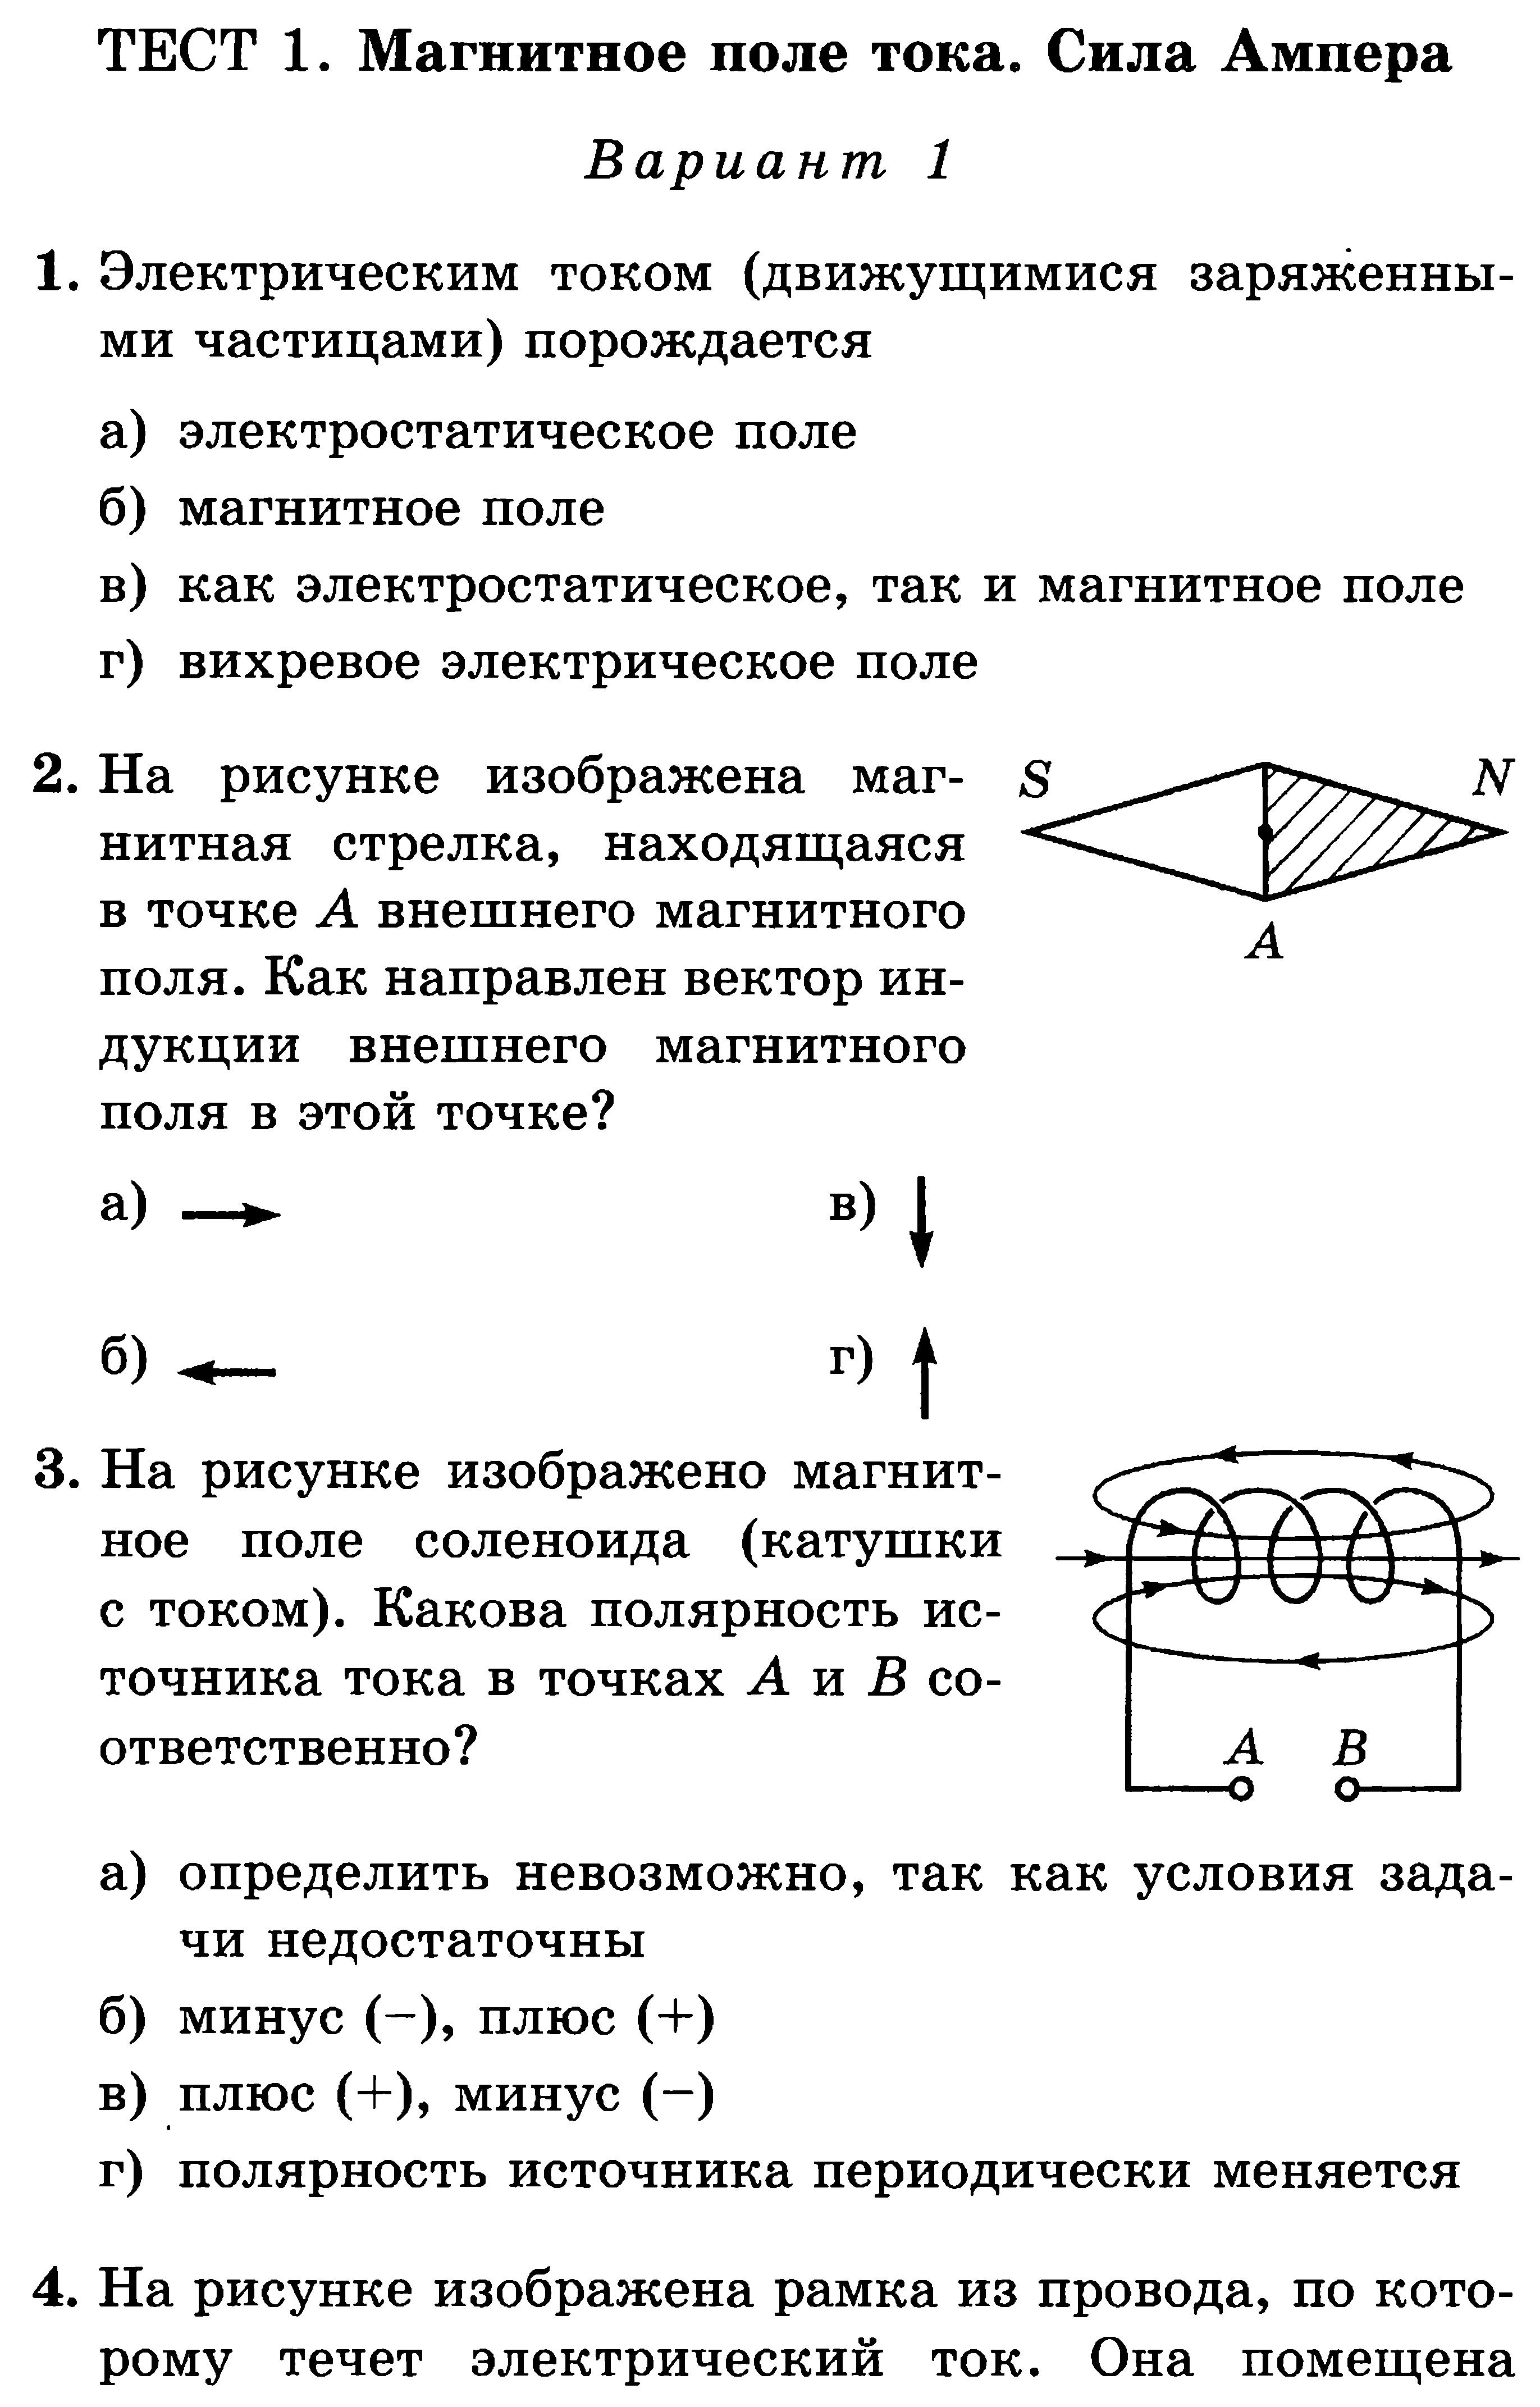 Решение задач по теме сила лоренца ампера теория погрешностей примеры решений задач